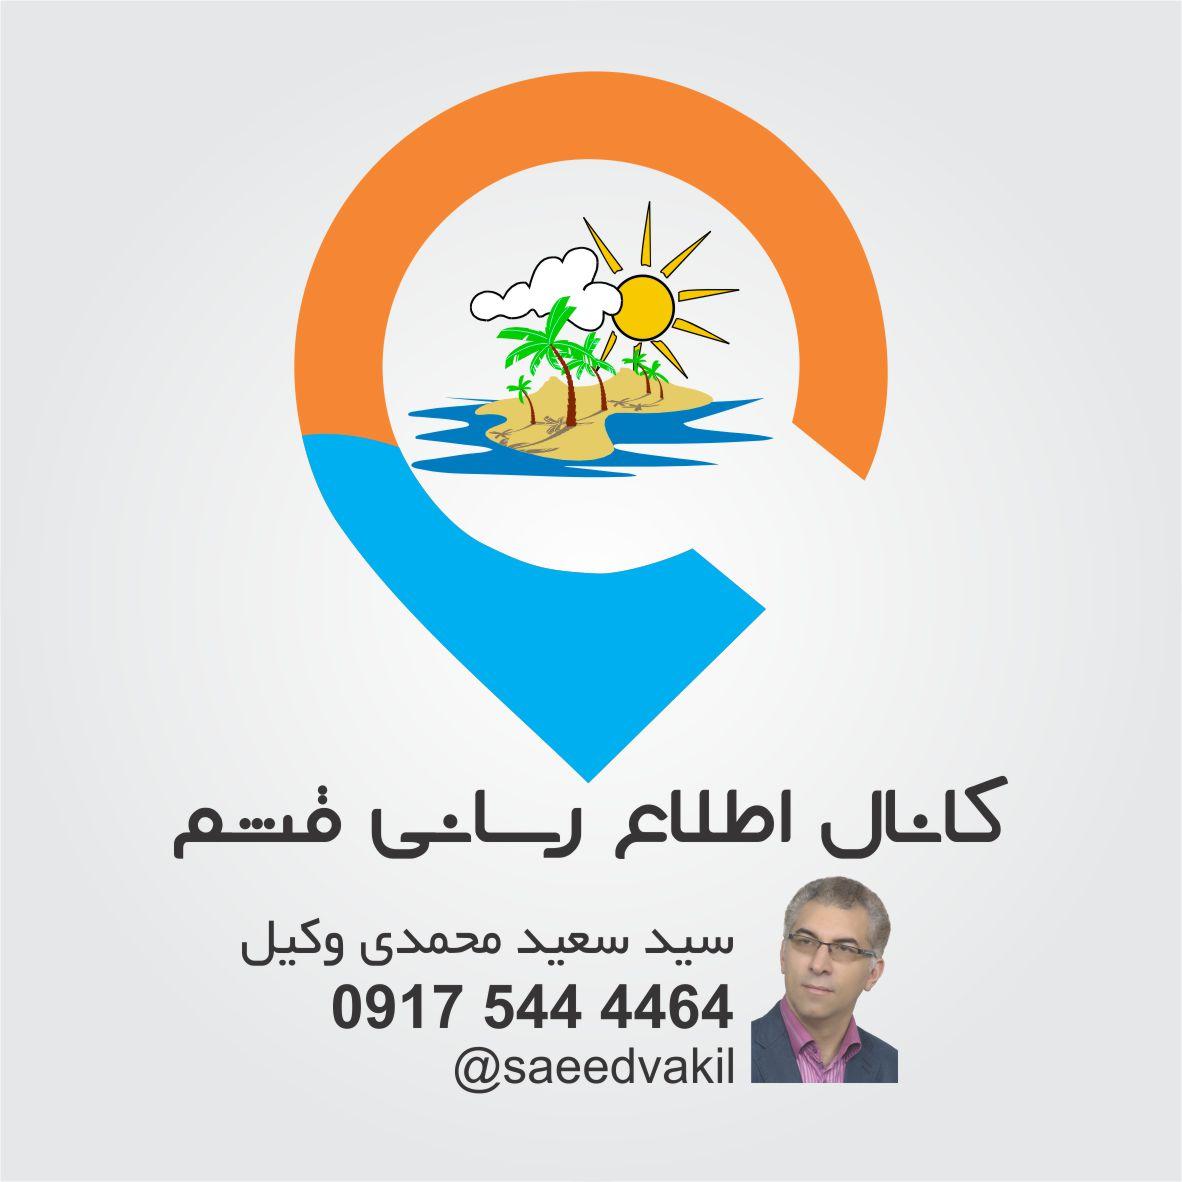 پایگاه اطلاع رسانی قشم معرفی ادارات سازمان ها و نهادهای شهرستان قشم